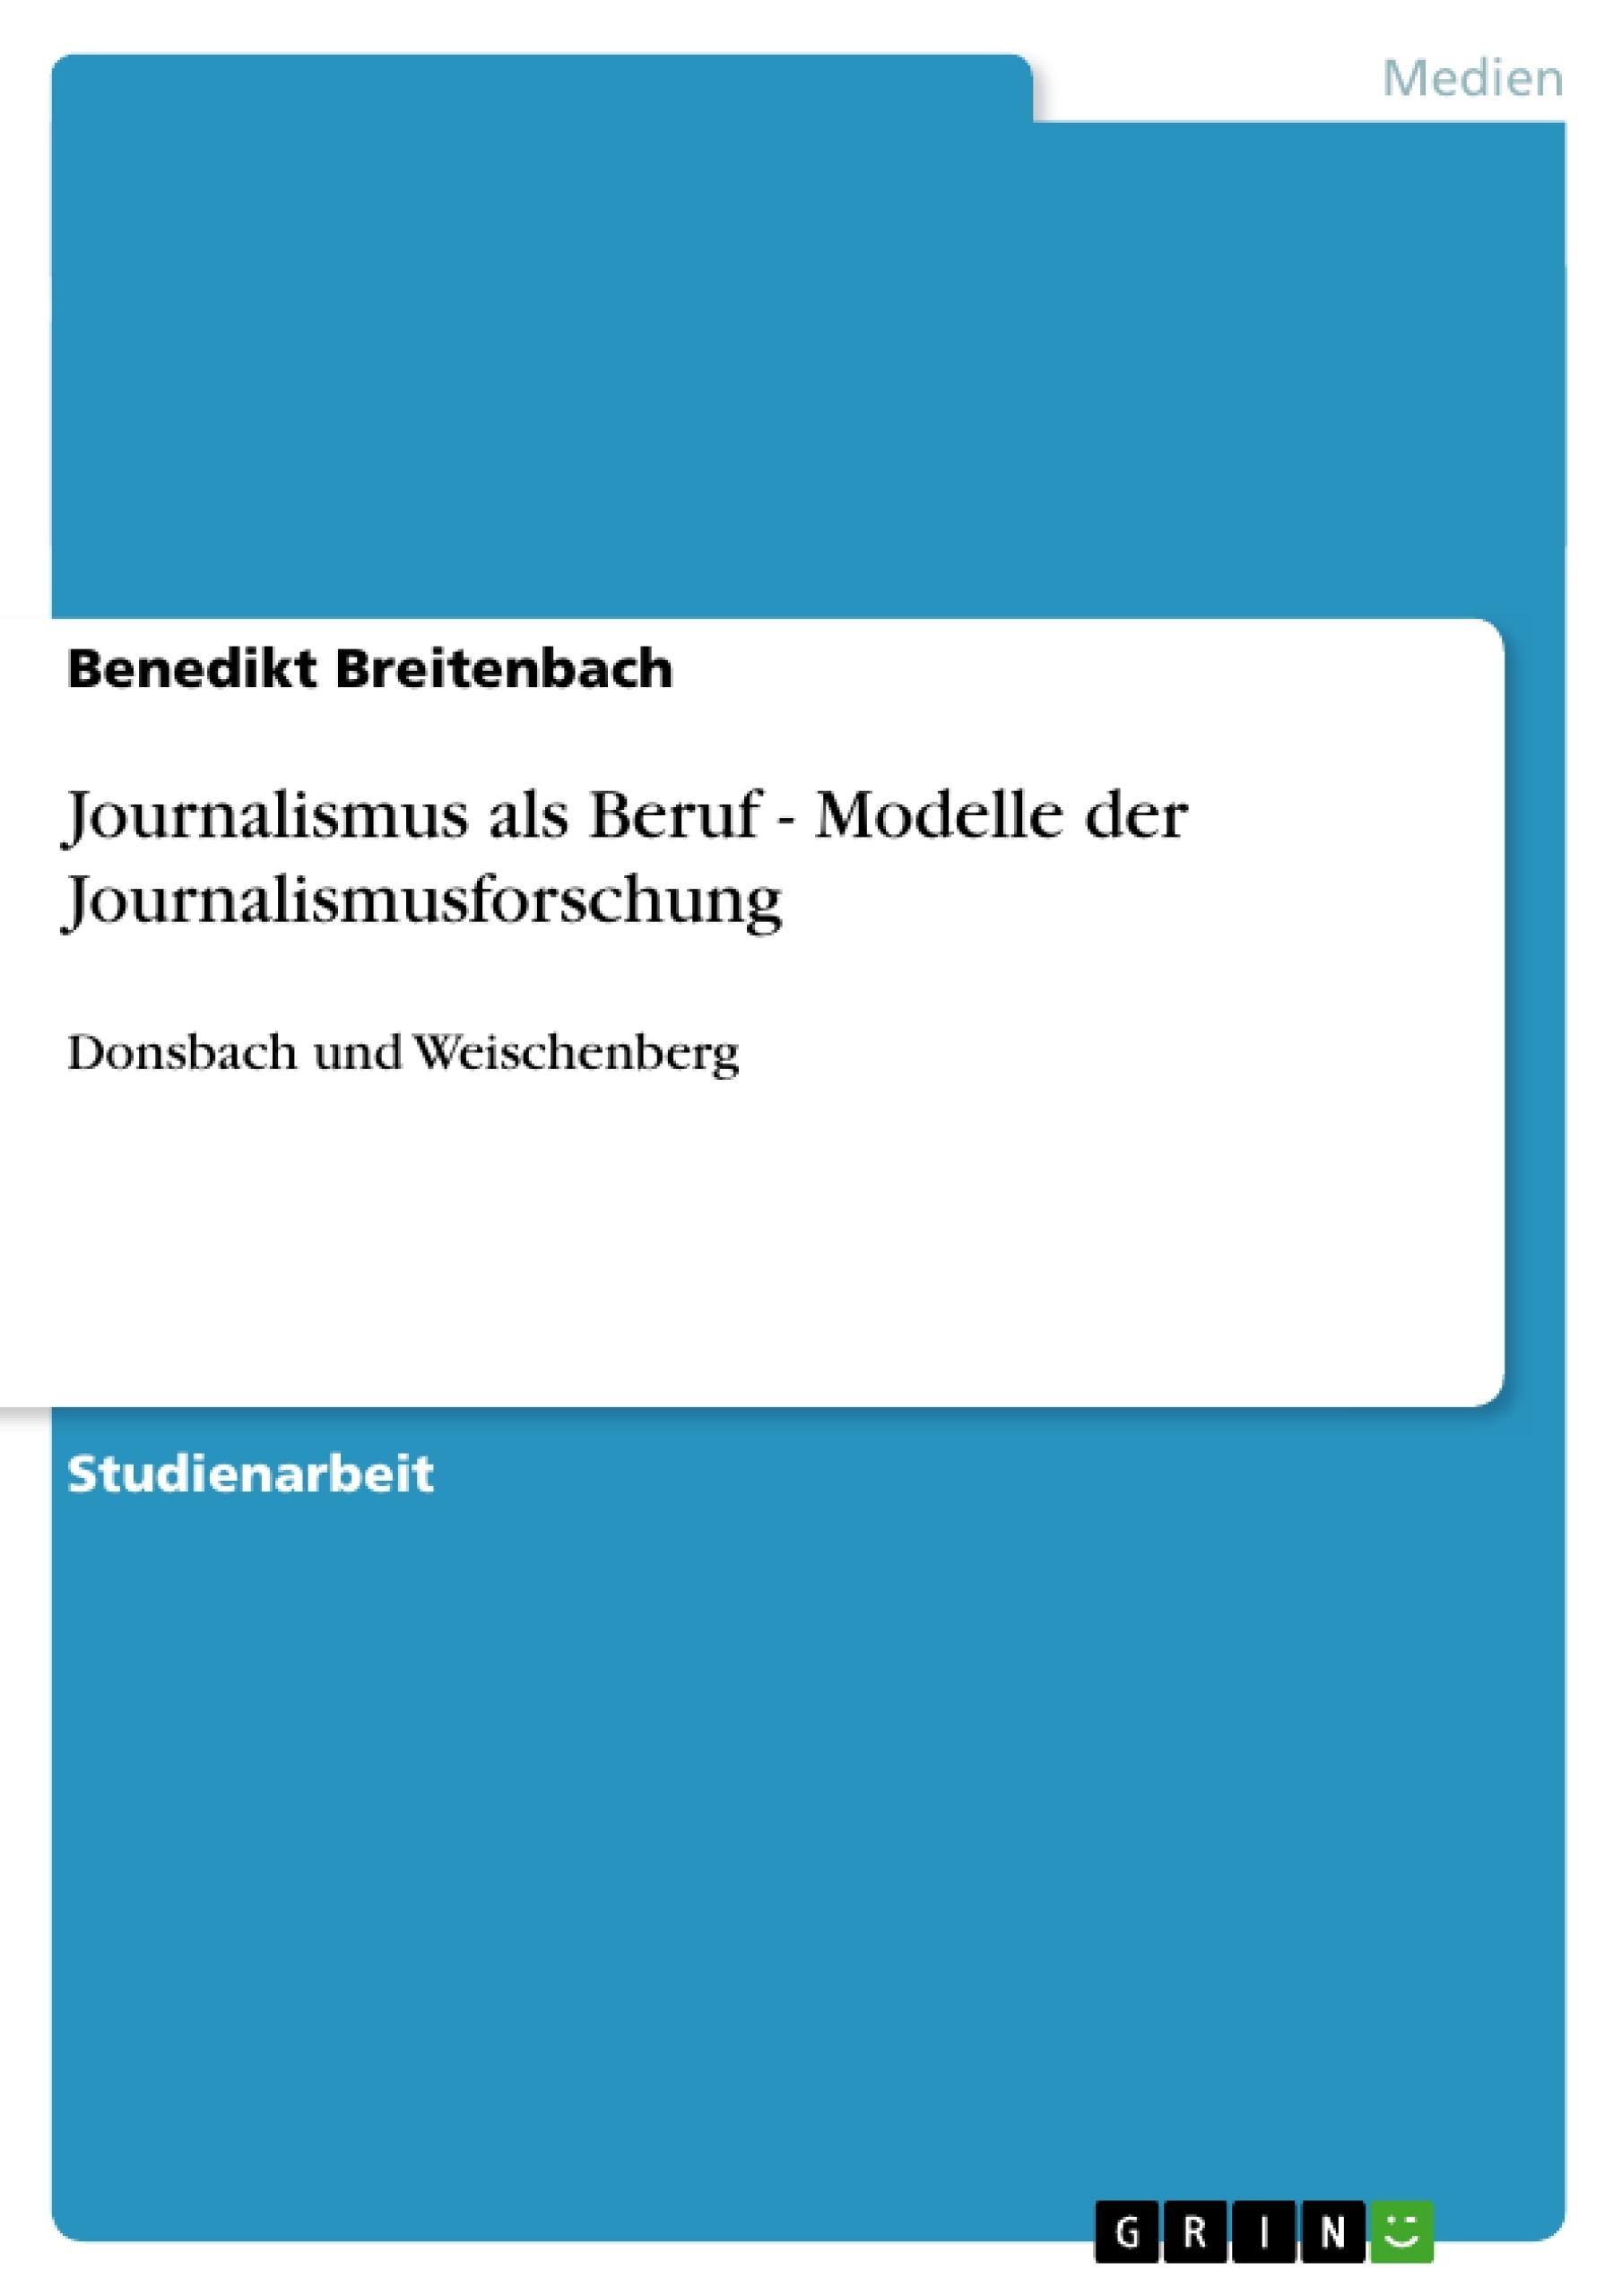 Titel: Journalismus als Beruf - Modelle der Journalismusforschung